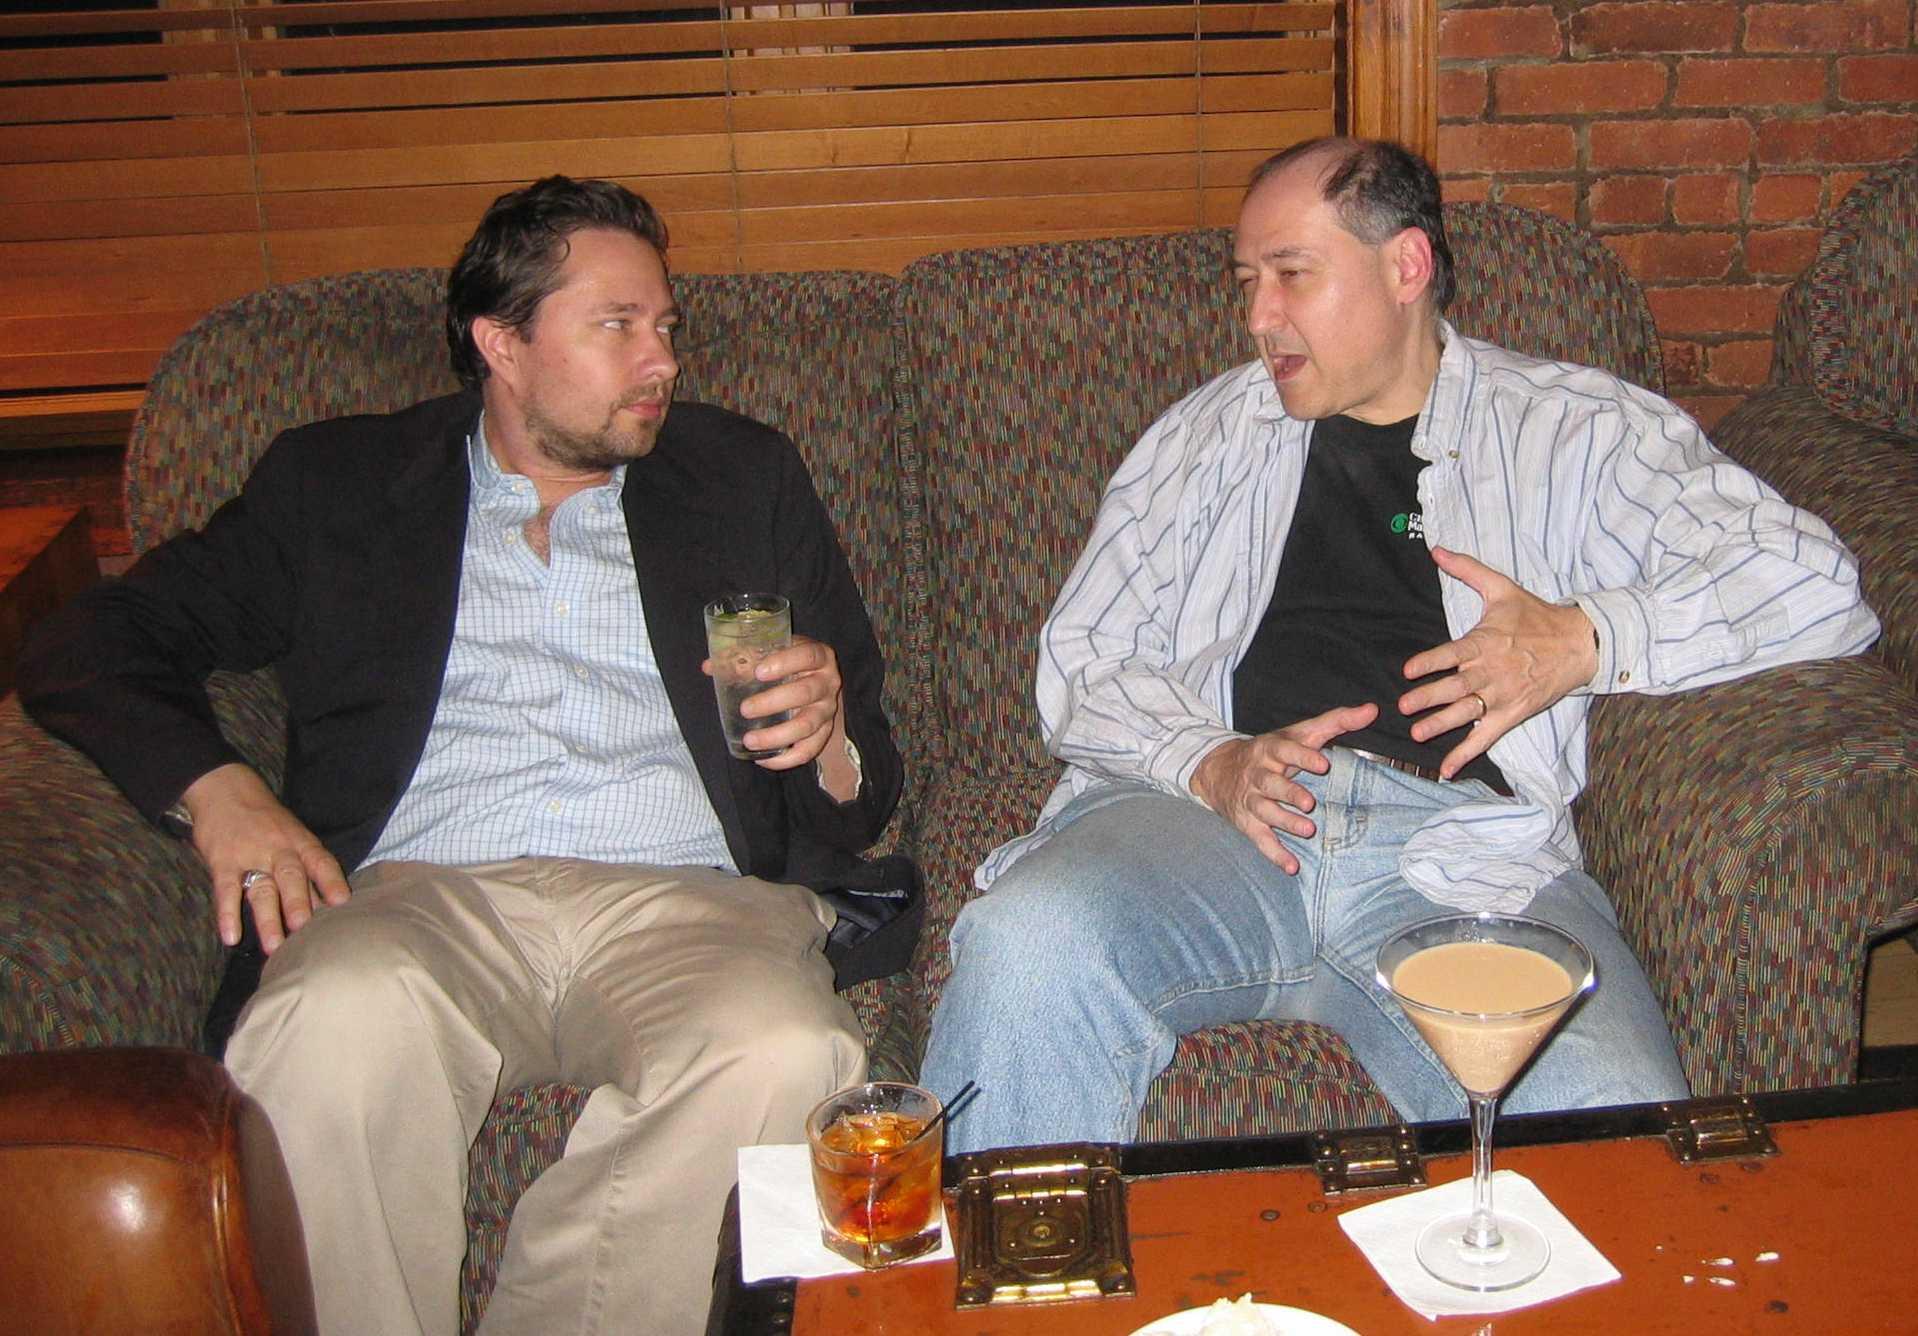 Jonathan Pytell and Hadar